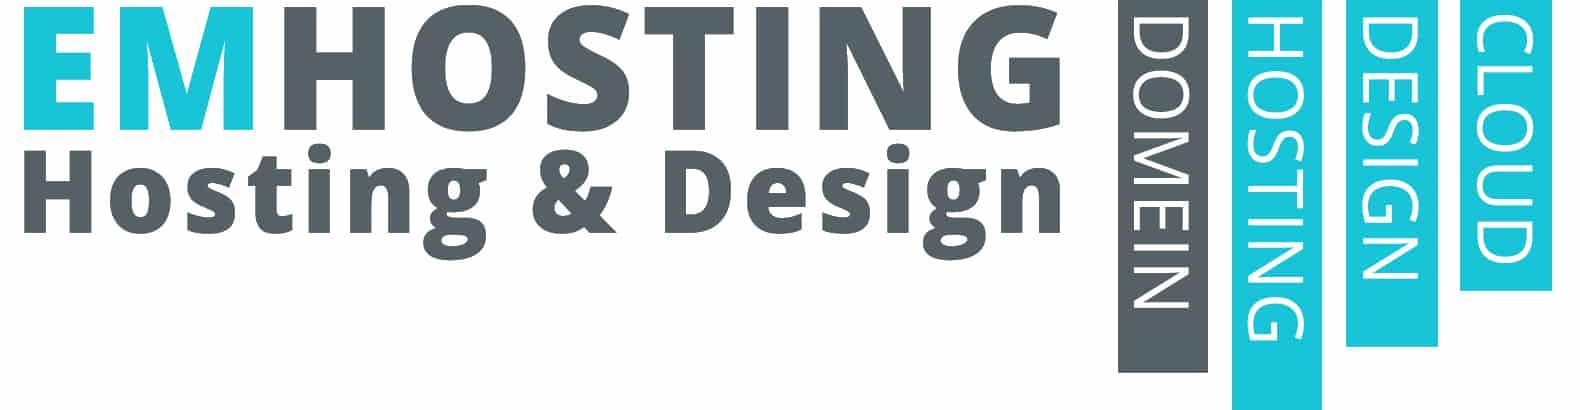 EM Hosting & Design